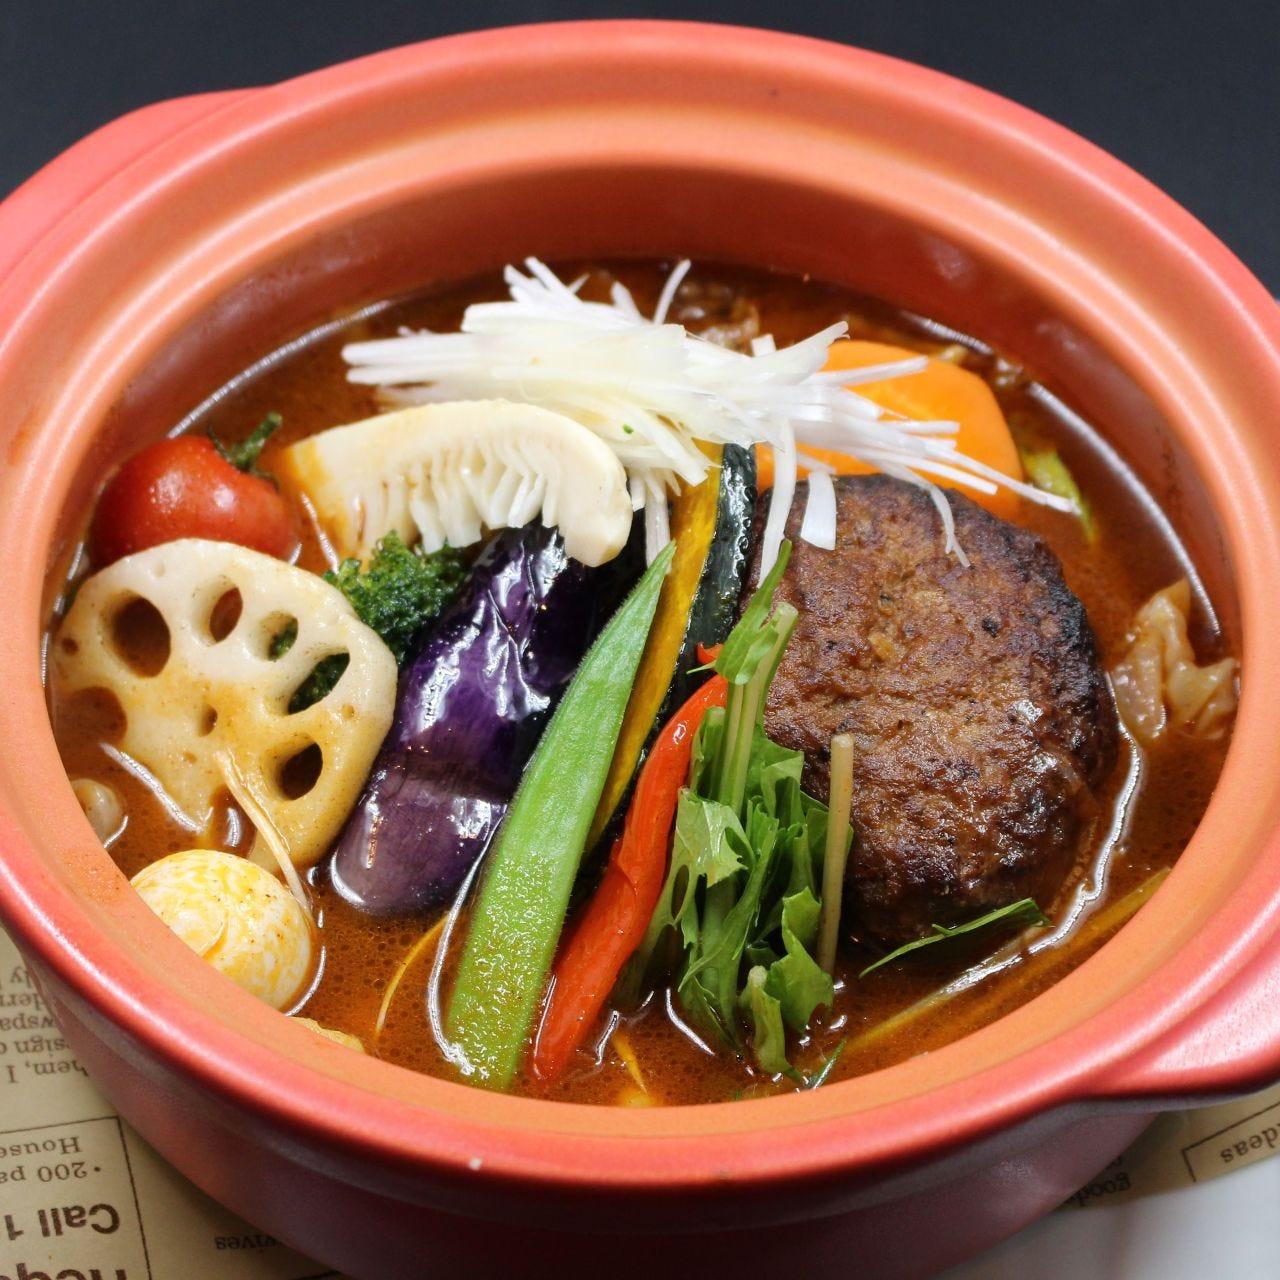 茶色い器にハンバーグと野菜が盛られている